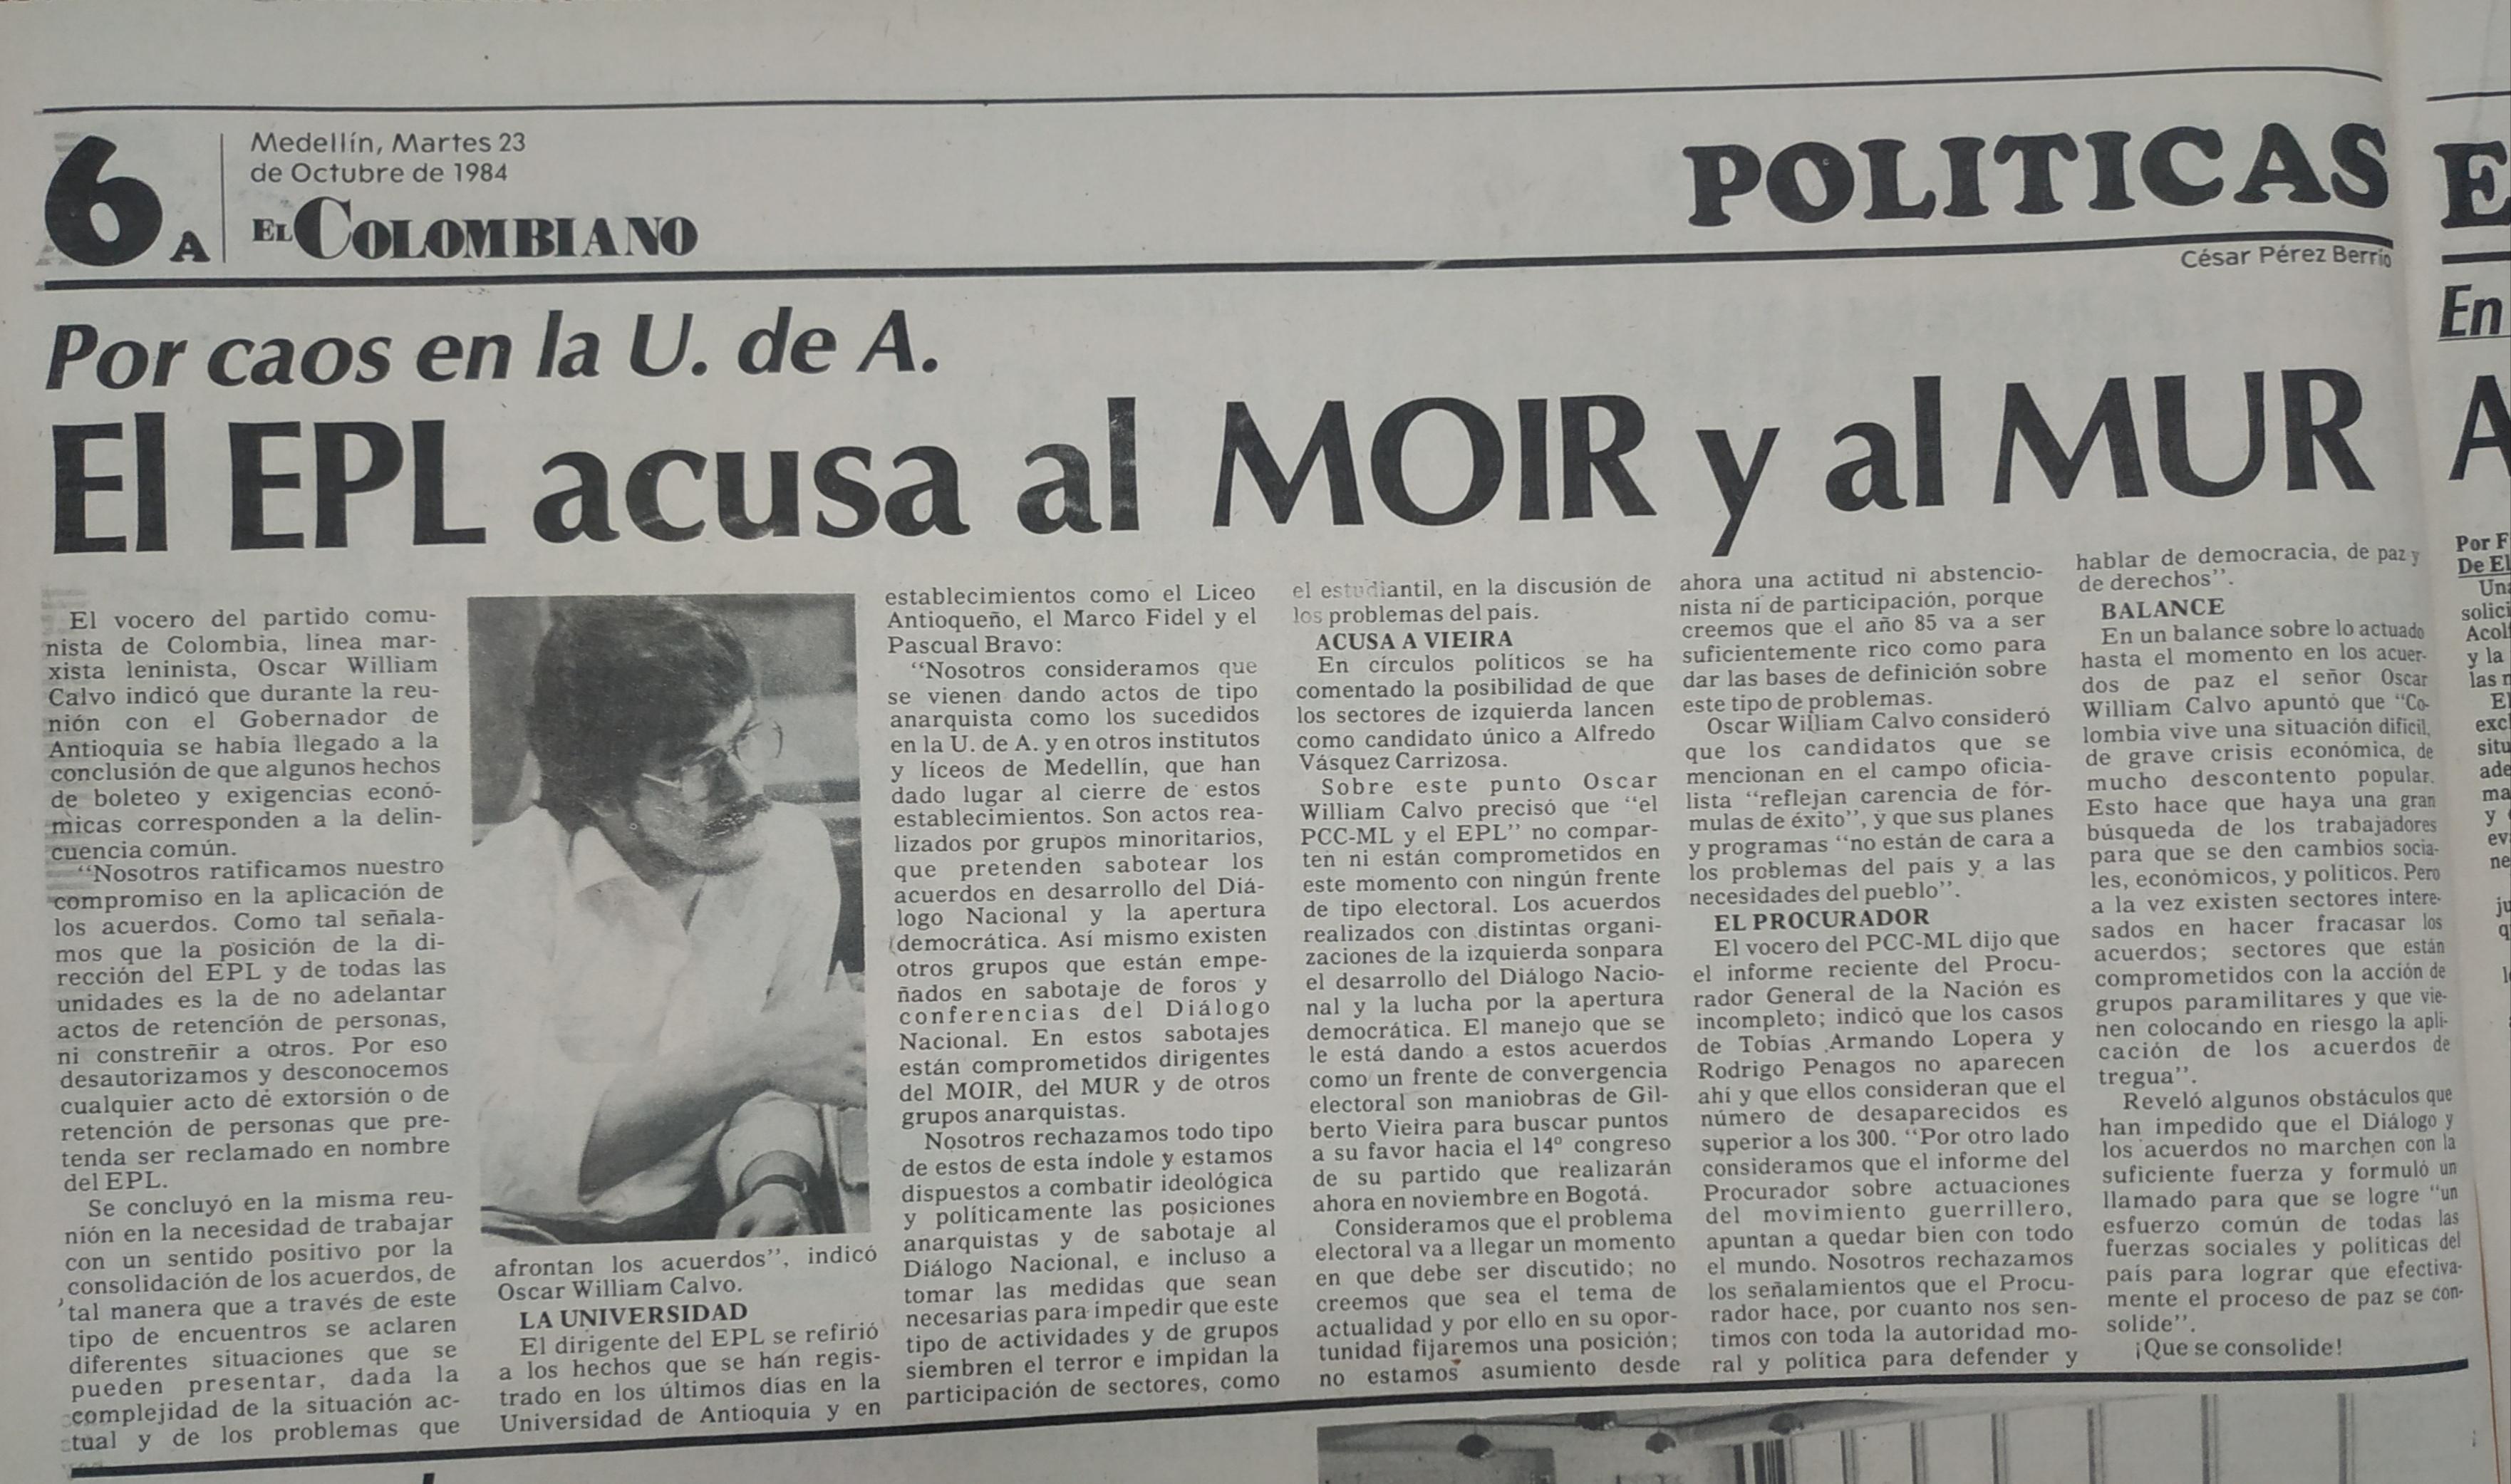 Fotografía tomada de la edición del 23 de octubre de 1984 del periódico El Colombiano.